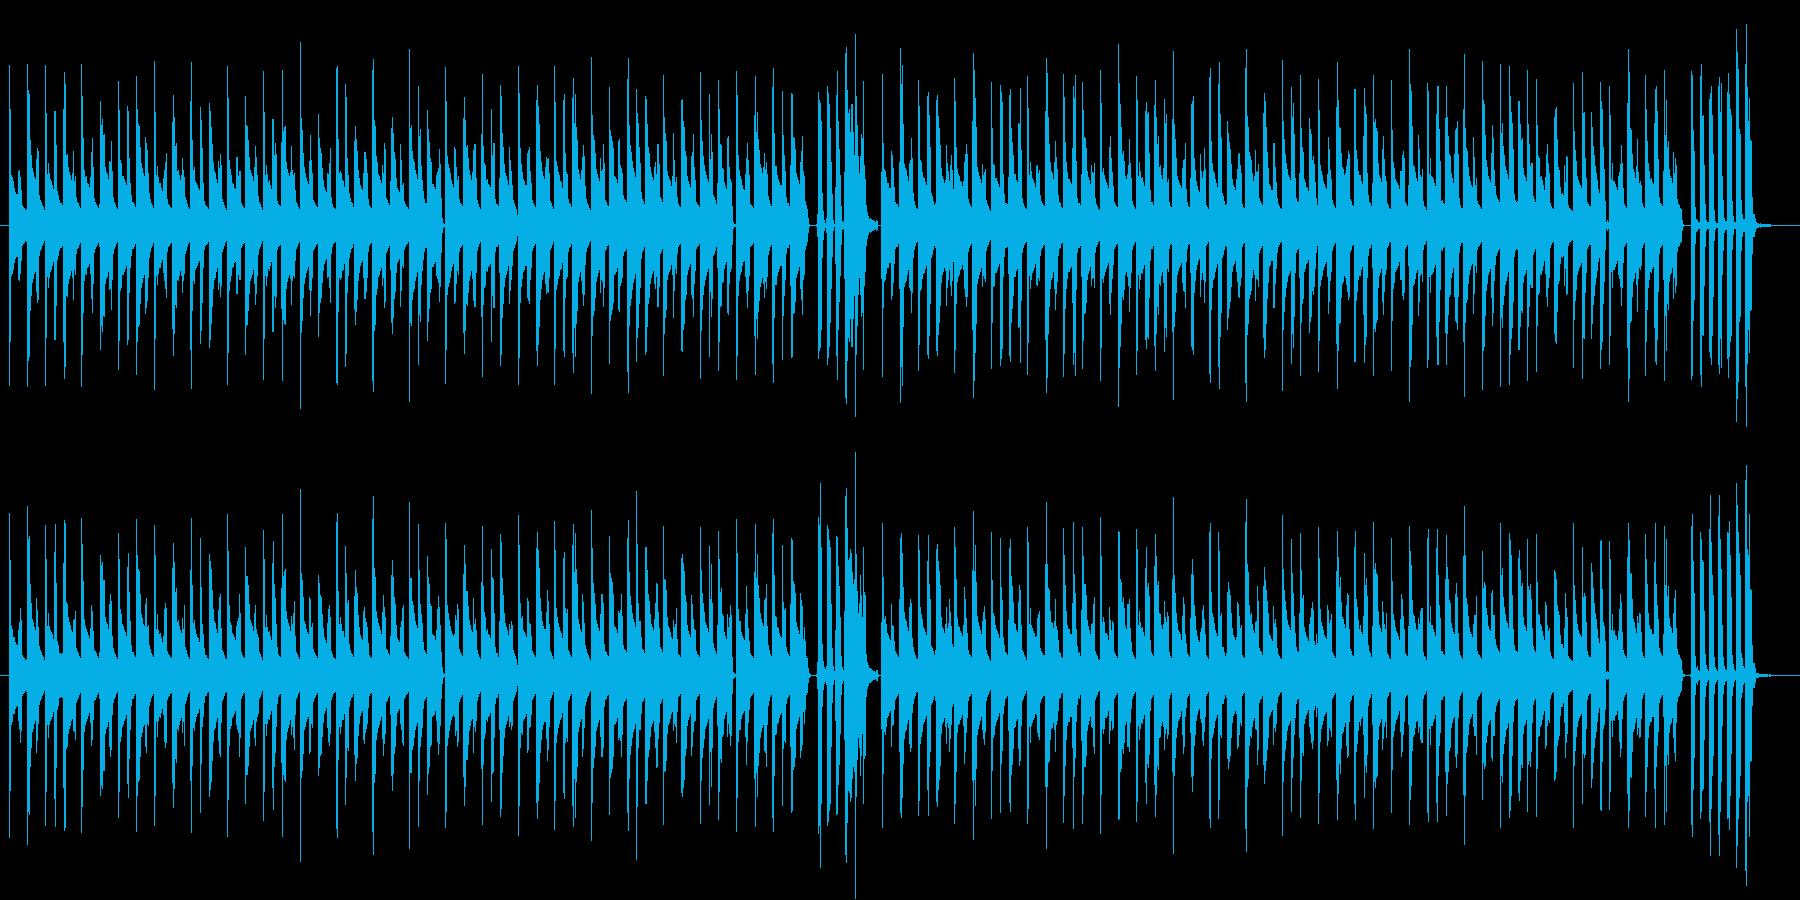 動画配信の後ろで流れるシンプルな音楽の再生済みの波形